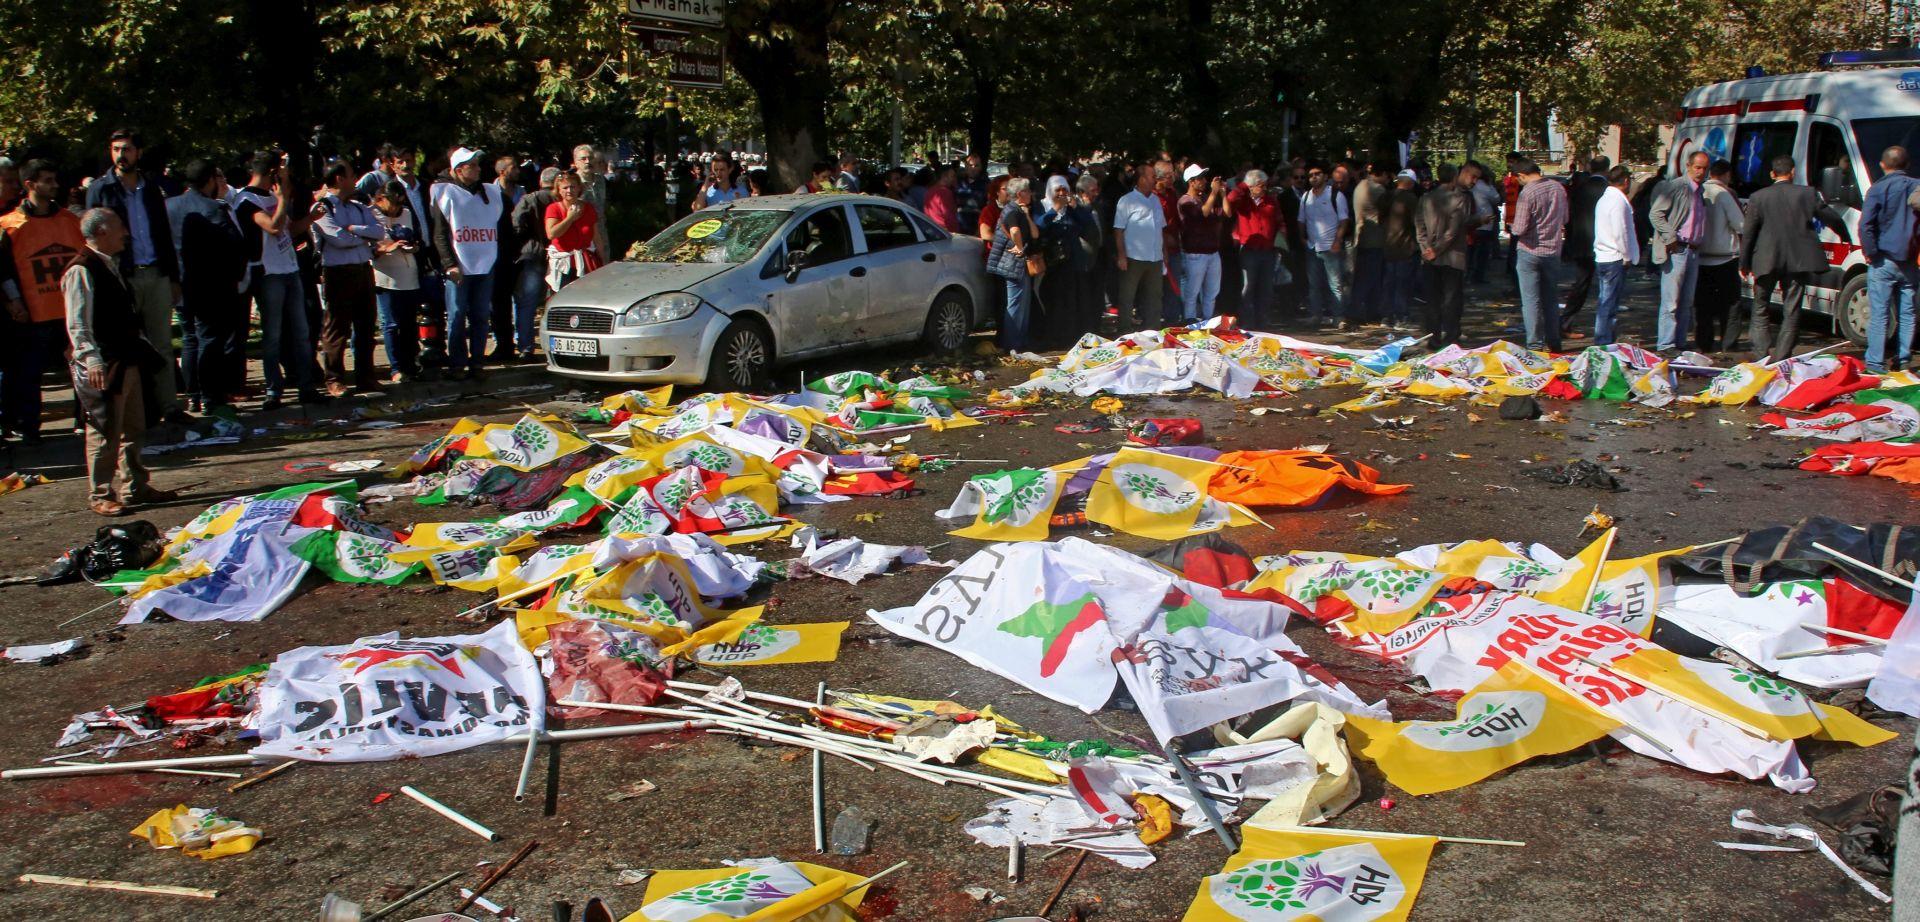 MEĐU STRADALIMA NEMA HRVATA; PKK PREKIDA GERILSKE AKTIVNOSTI Erdogan i NATO snažno osudili bombaški napad u Ankari